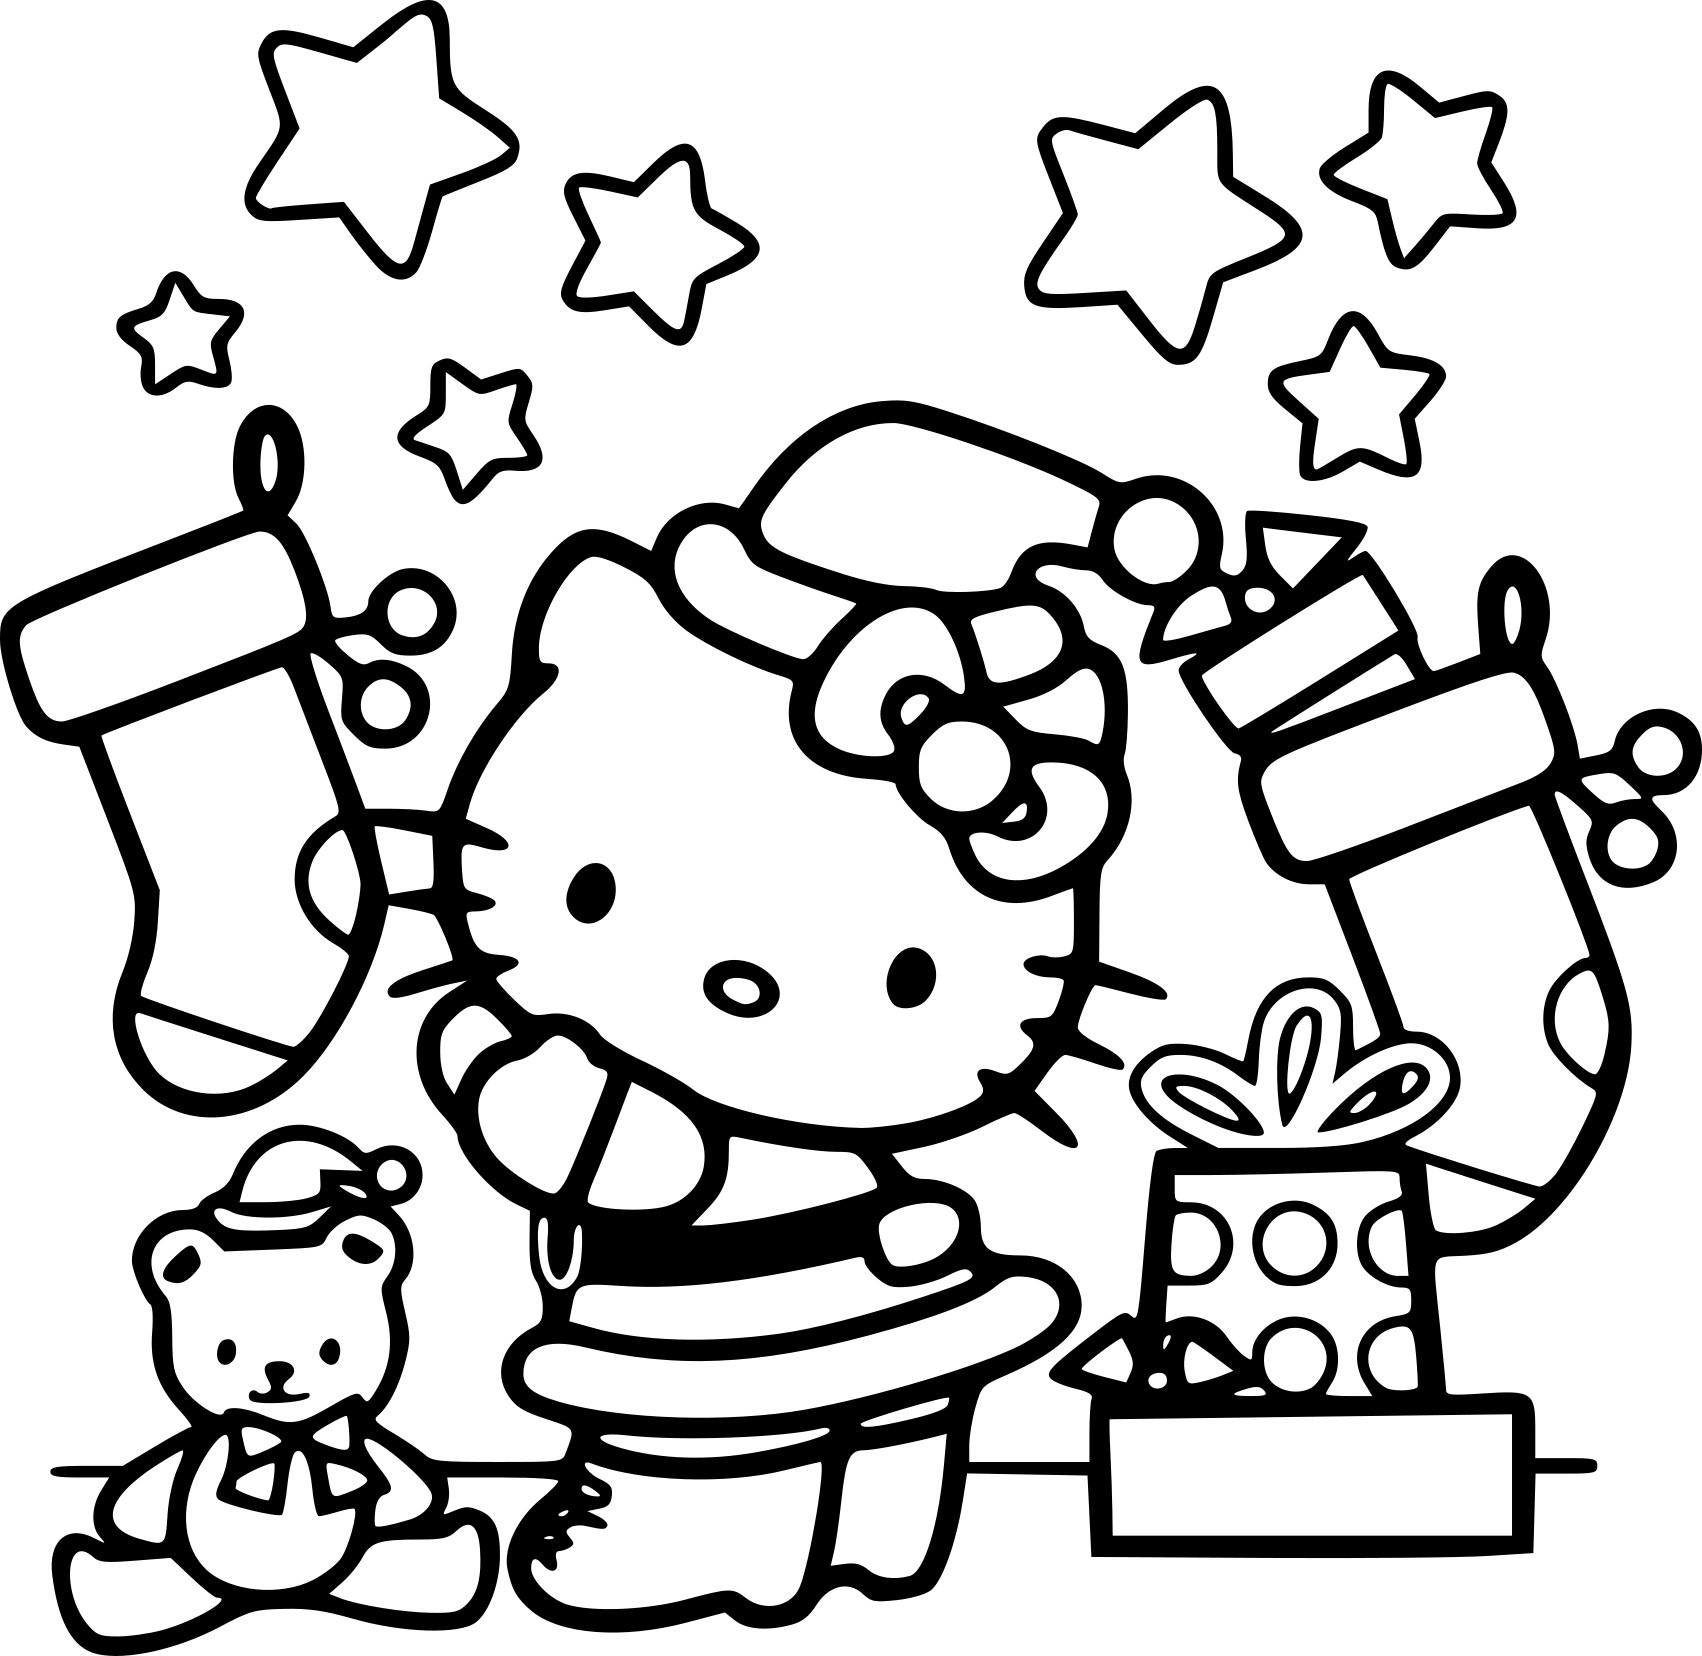 Coloriage Père Noël Hello Kitty À Imprimer Sur Coloriages intérieur Dessin Hello Kitty À Imprimer